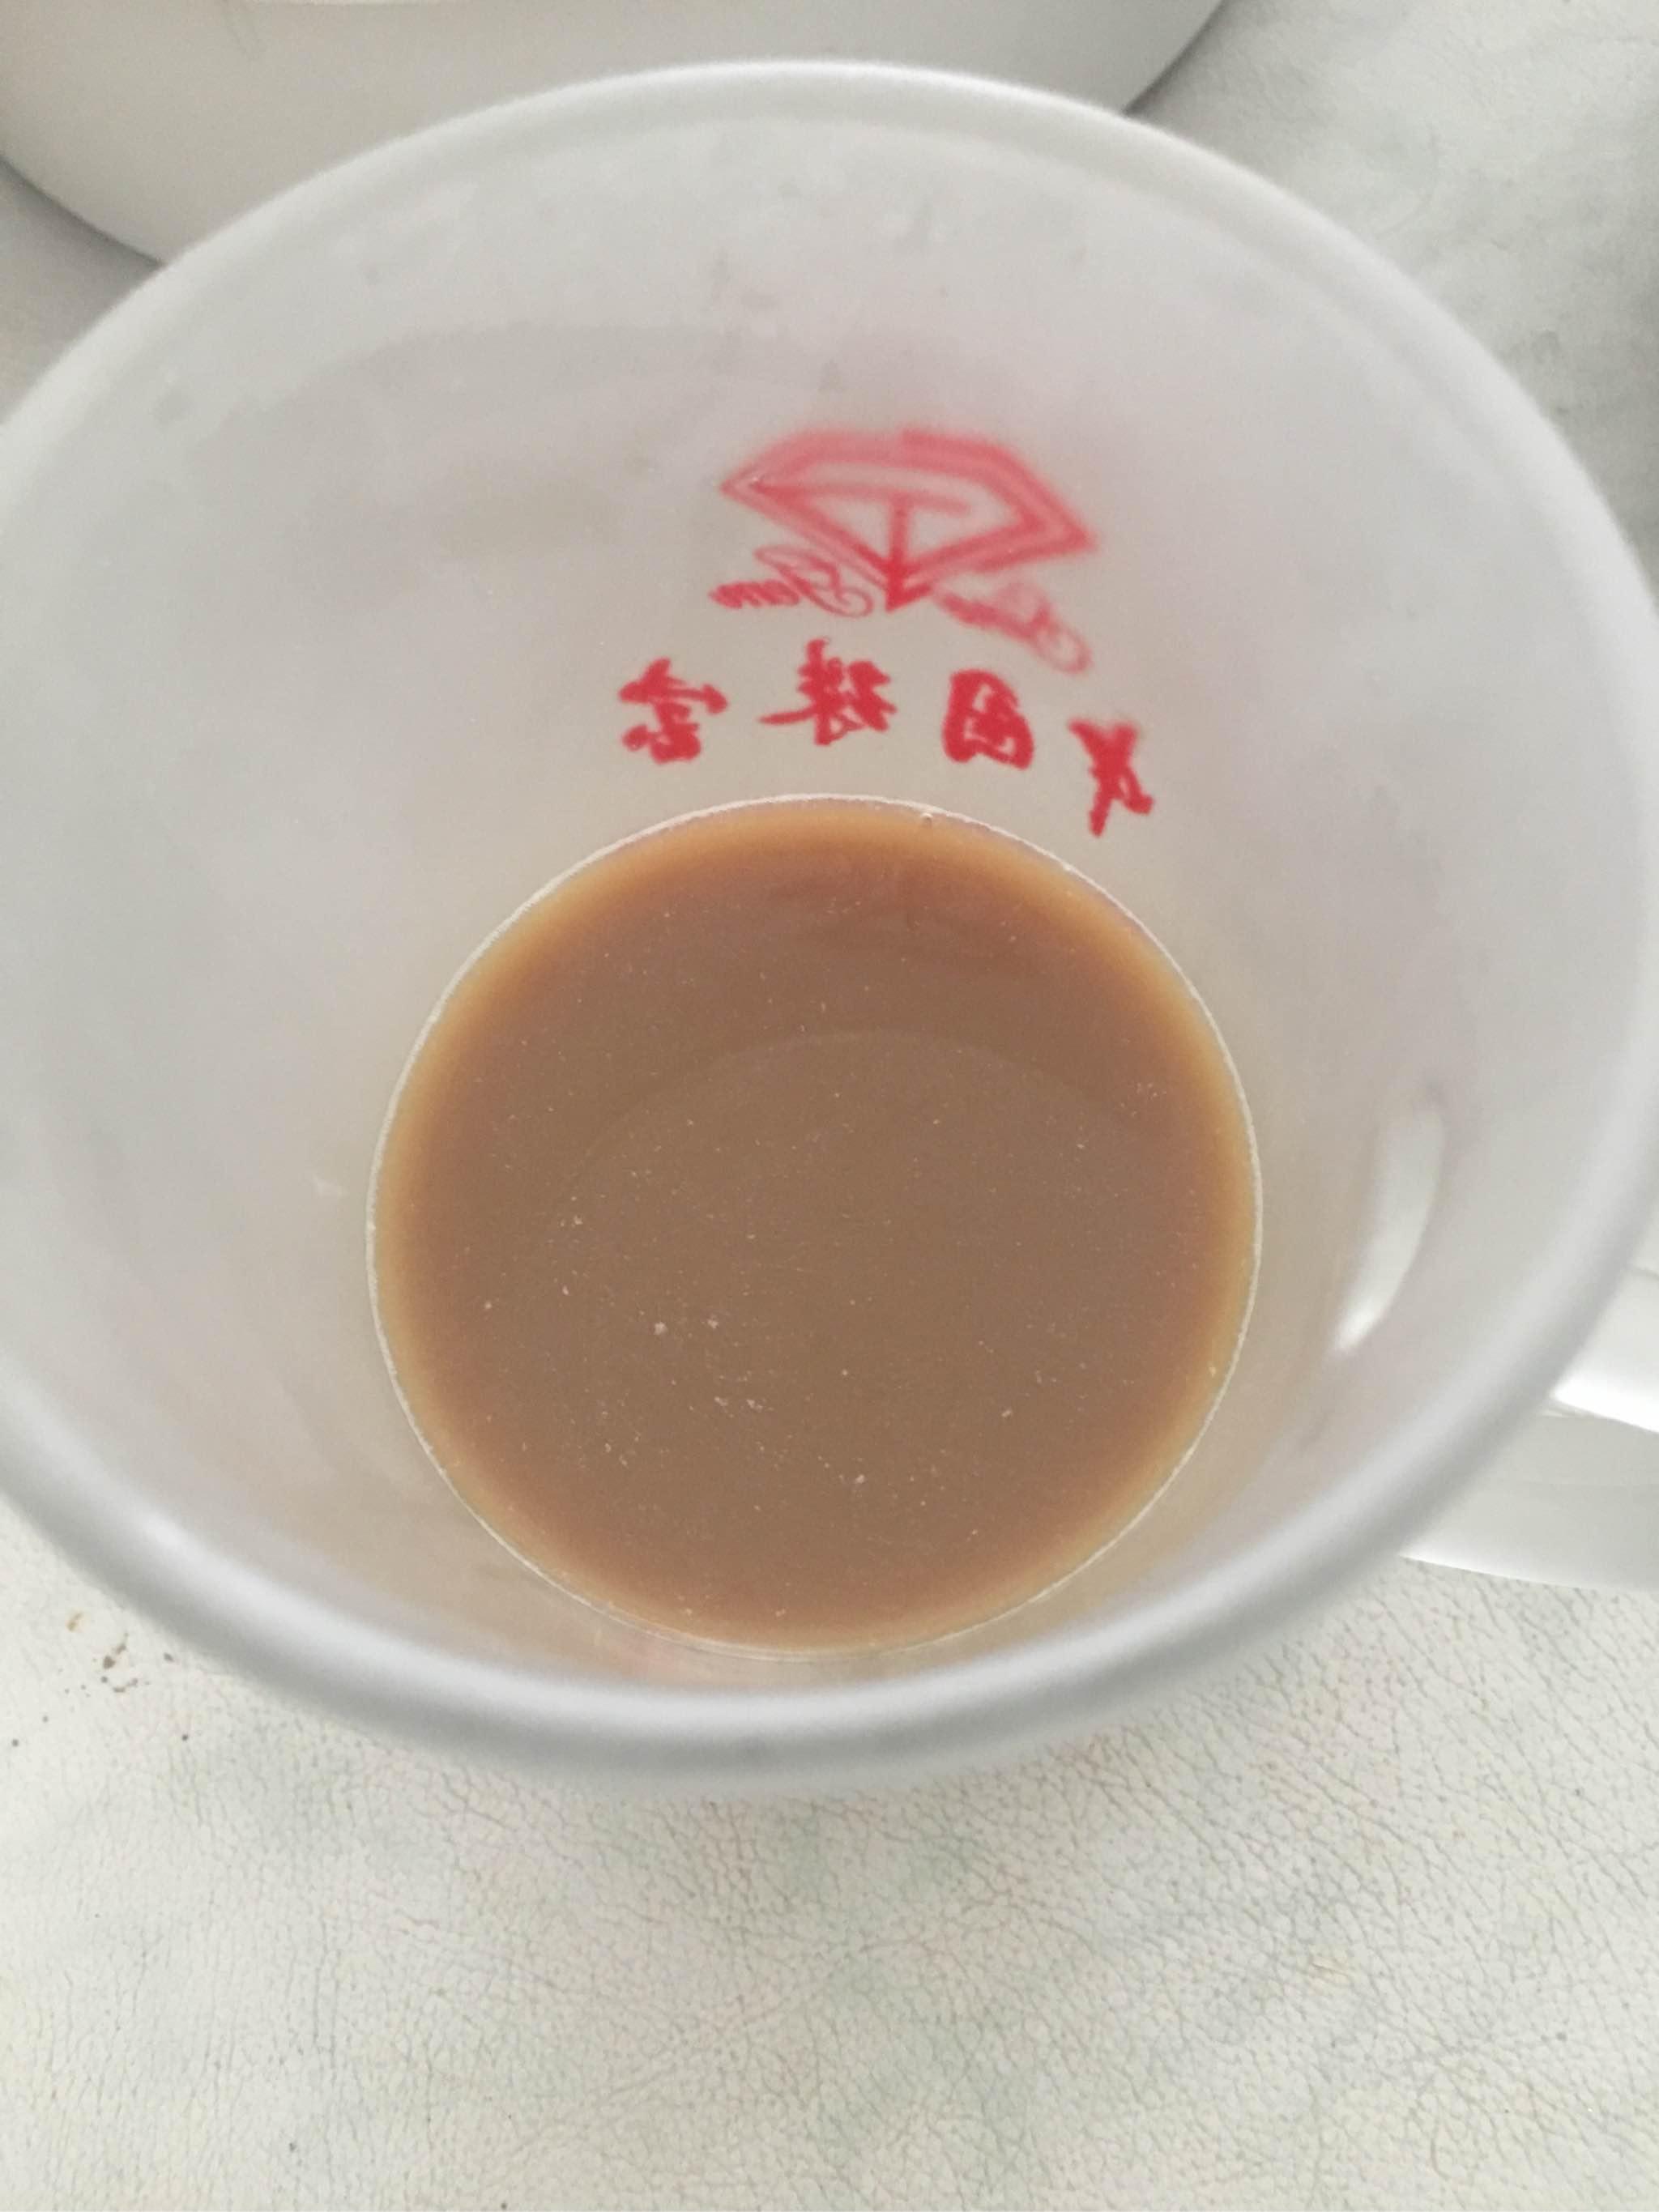 个人在喝的左旋肉碱咖啡味道、效果和使用经验分享